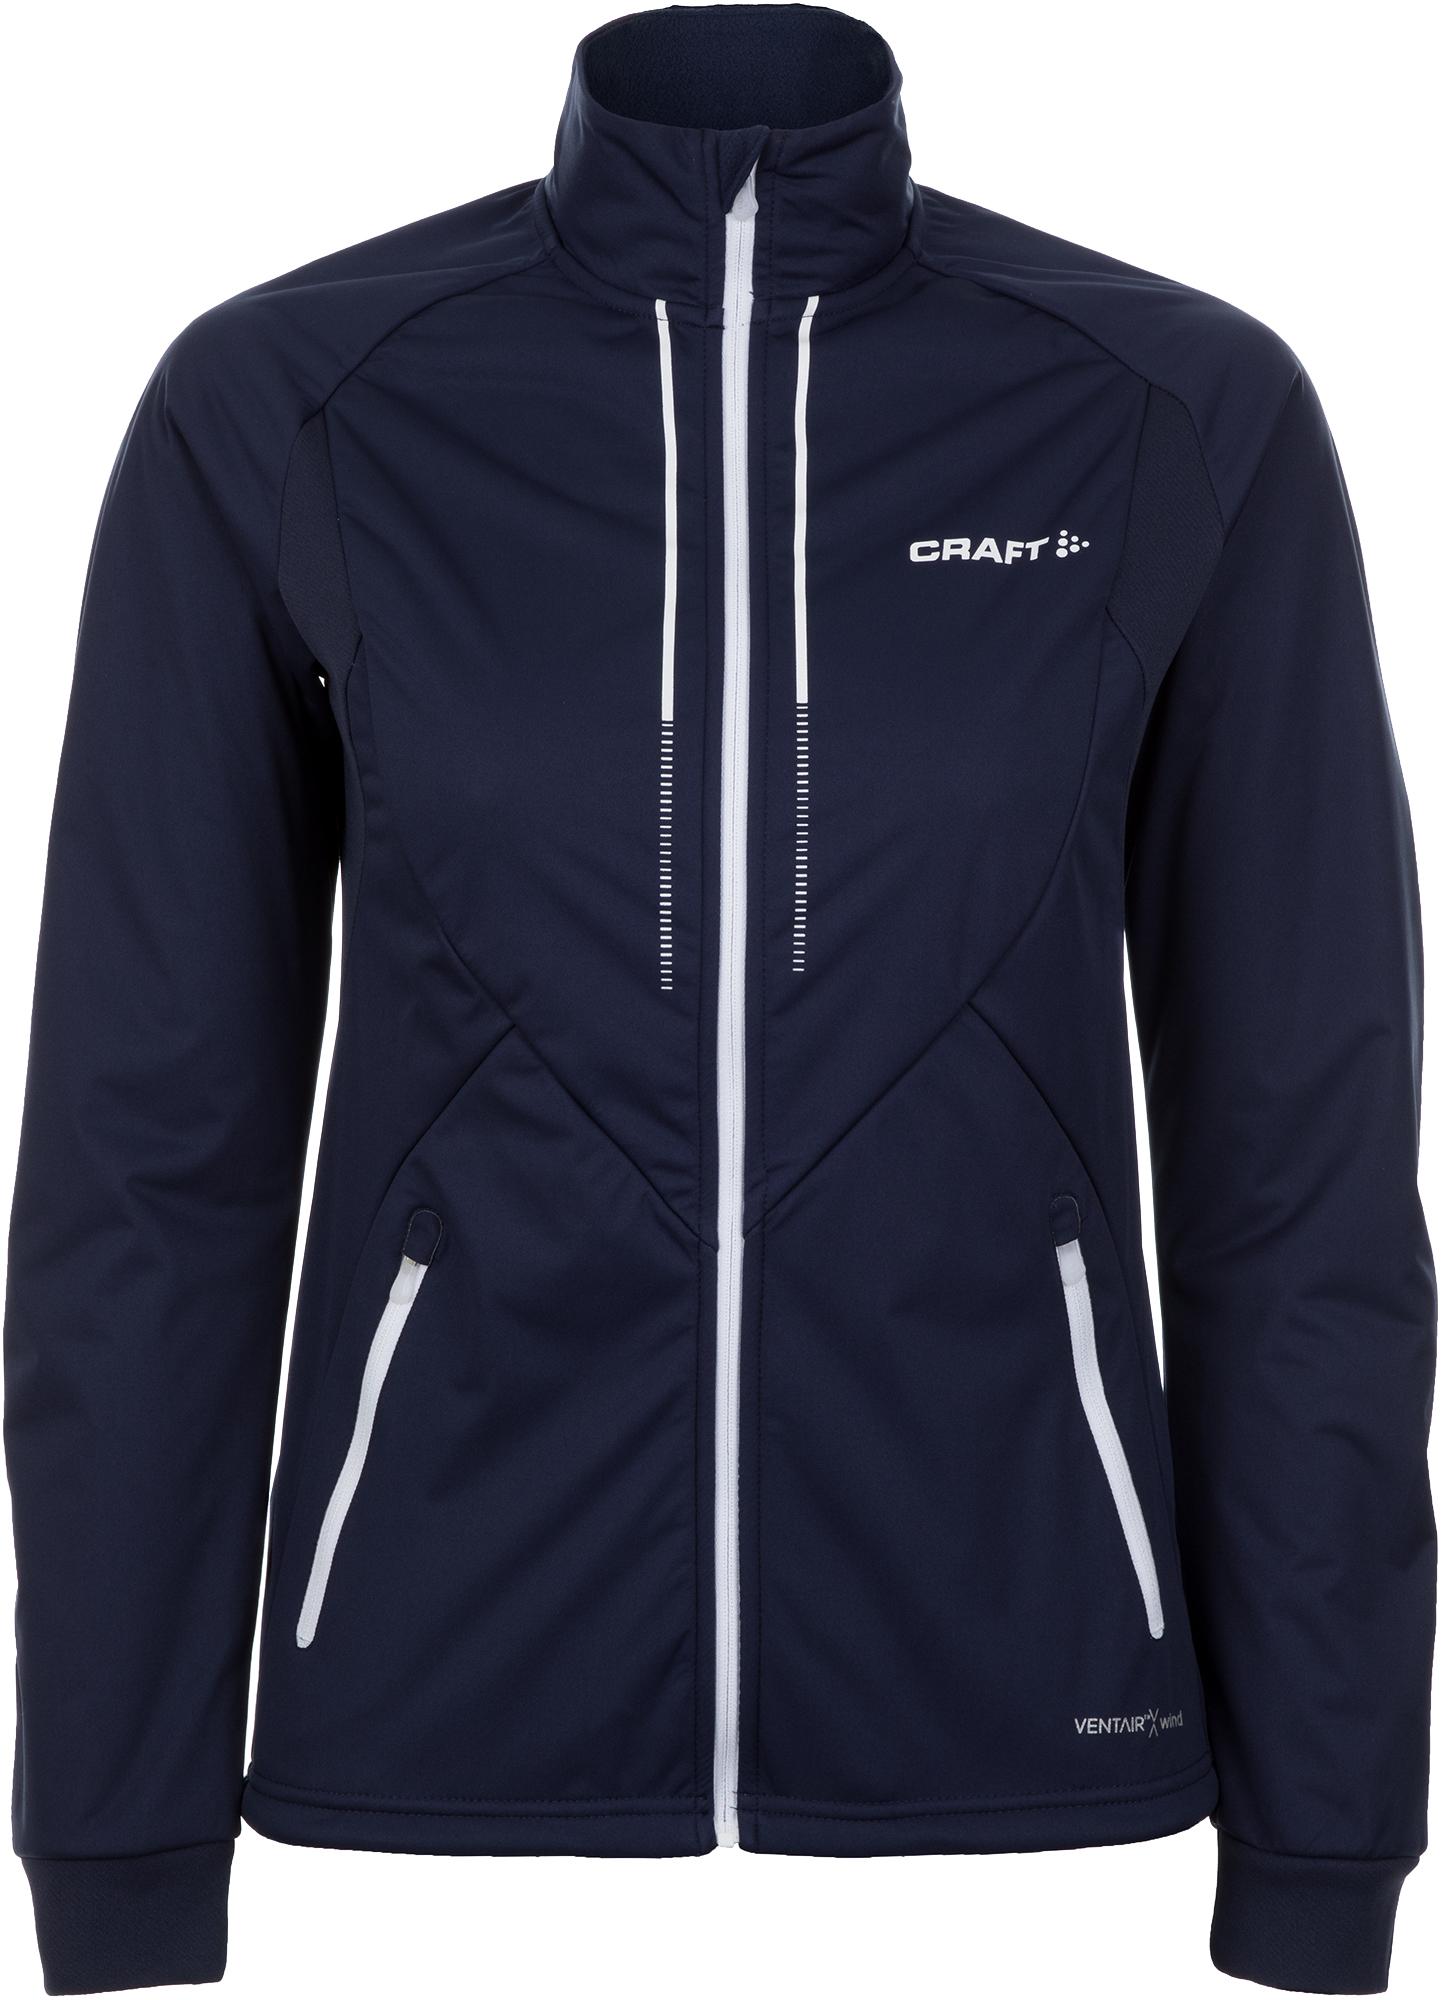 Фото - Craft Куртка женская Craft Storm Jacket 2.0, размер 48-50 craft куртка мужская craft размер 52